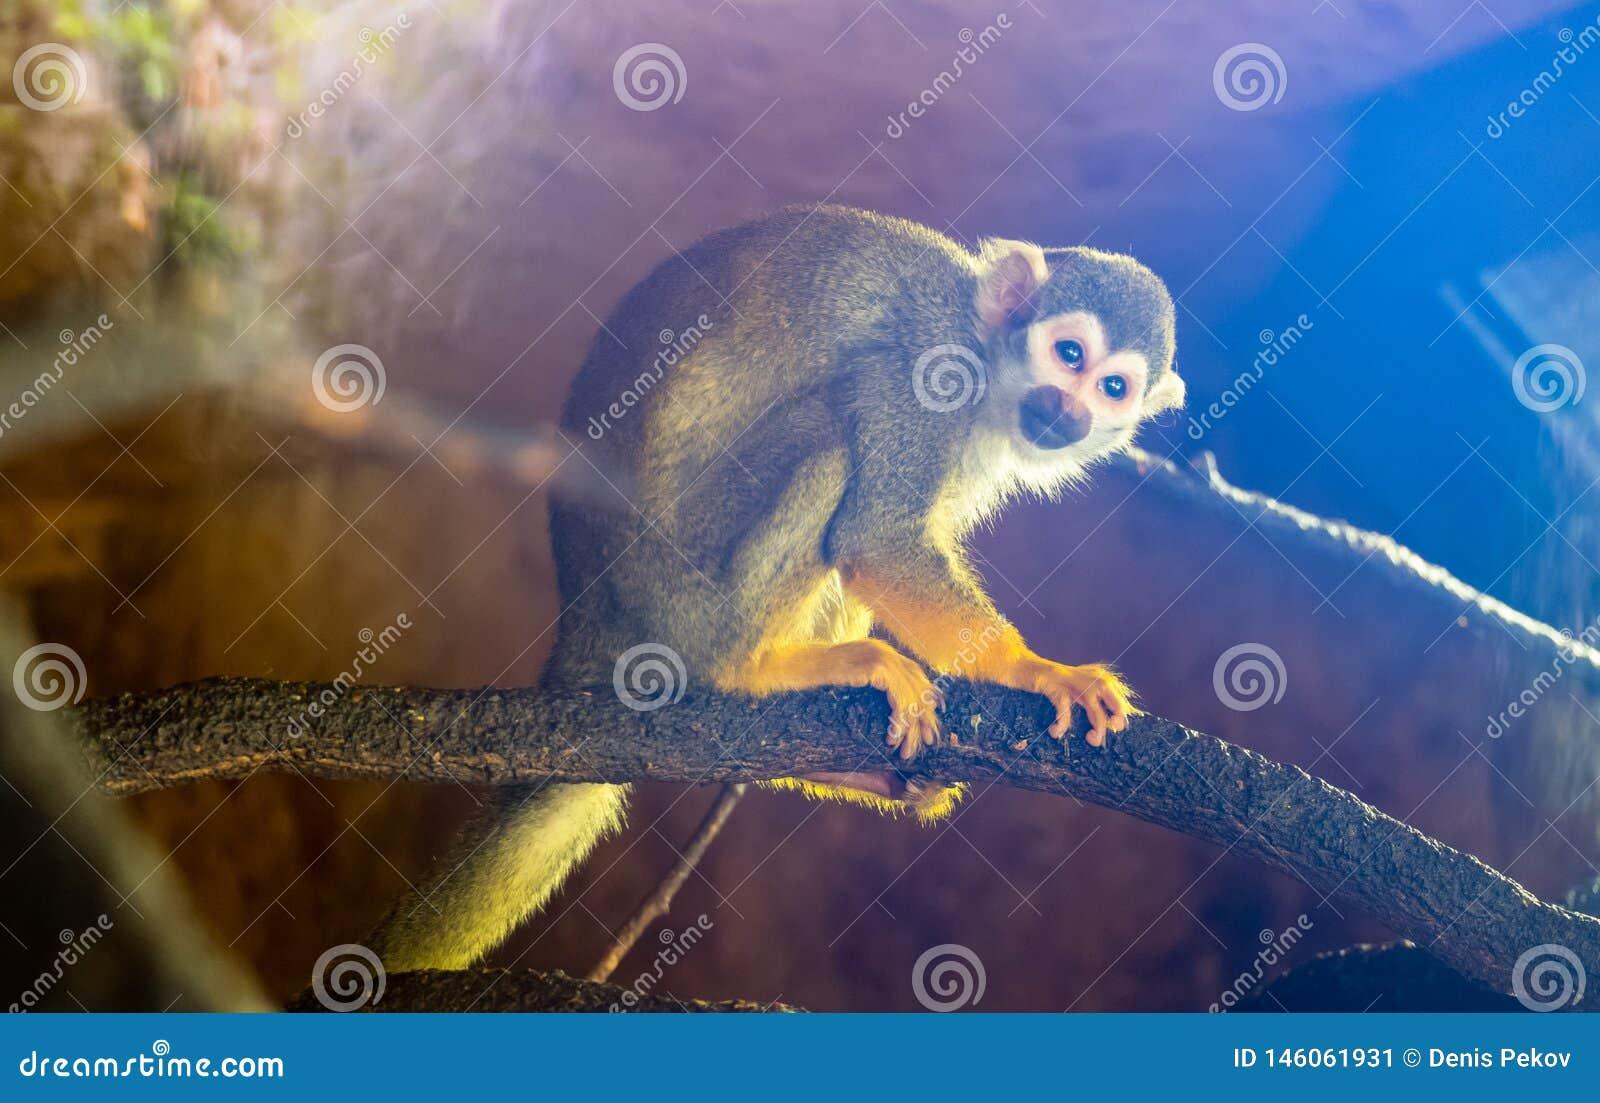 Λίγος πίθηκος σκιούρων, μπλε